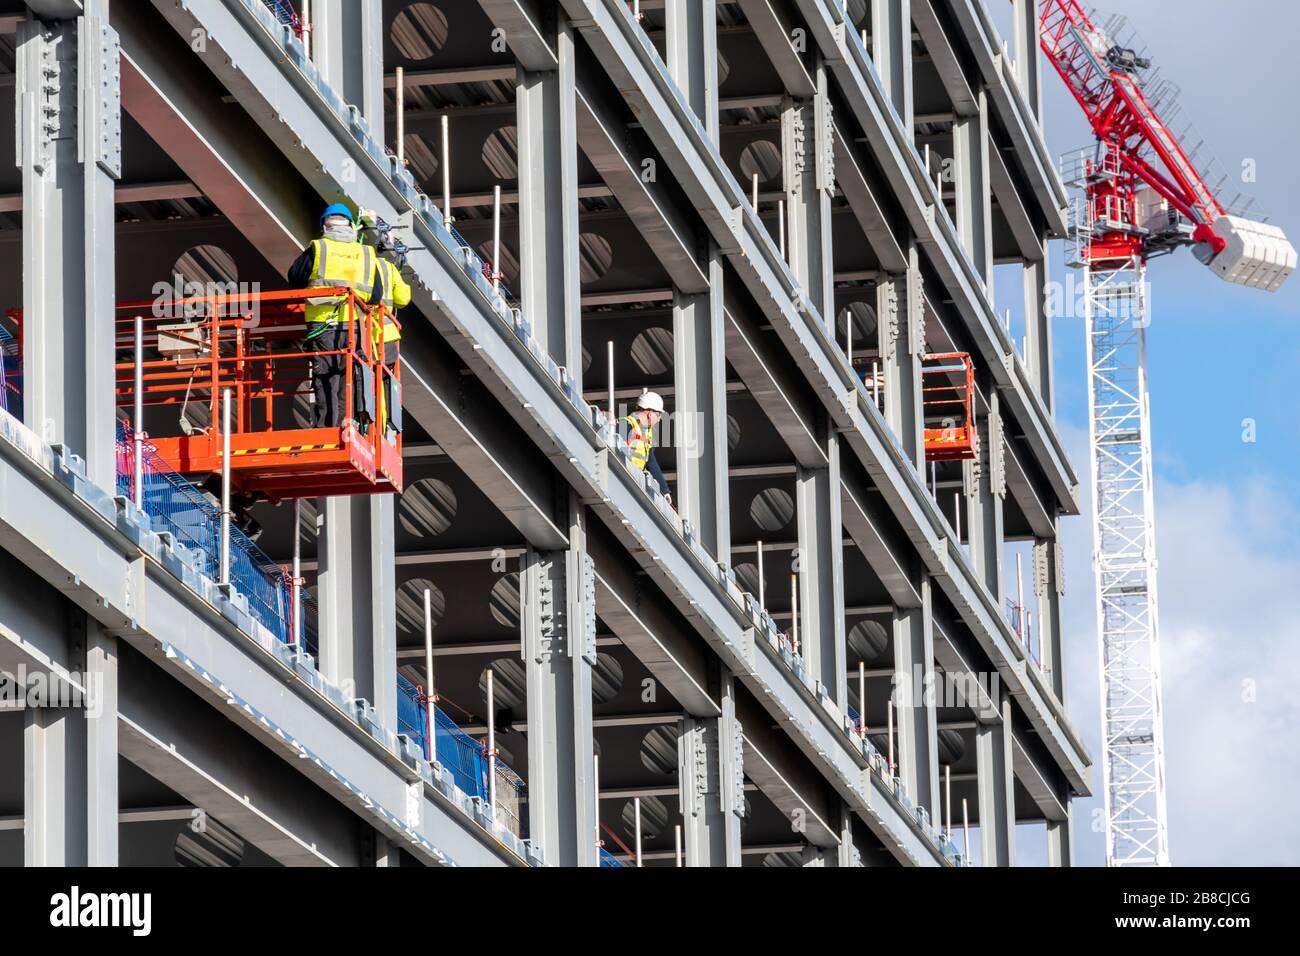 Los trabajadores de la construcción en Glasgow siguen trabajando a través del brote de Coronavirus en Escocia, incluso cuando otros negocios cierran. Foto de stock